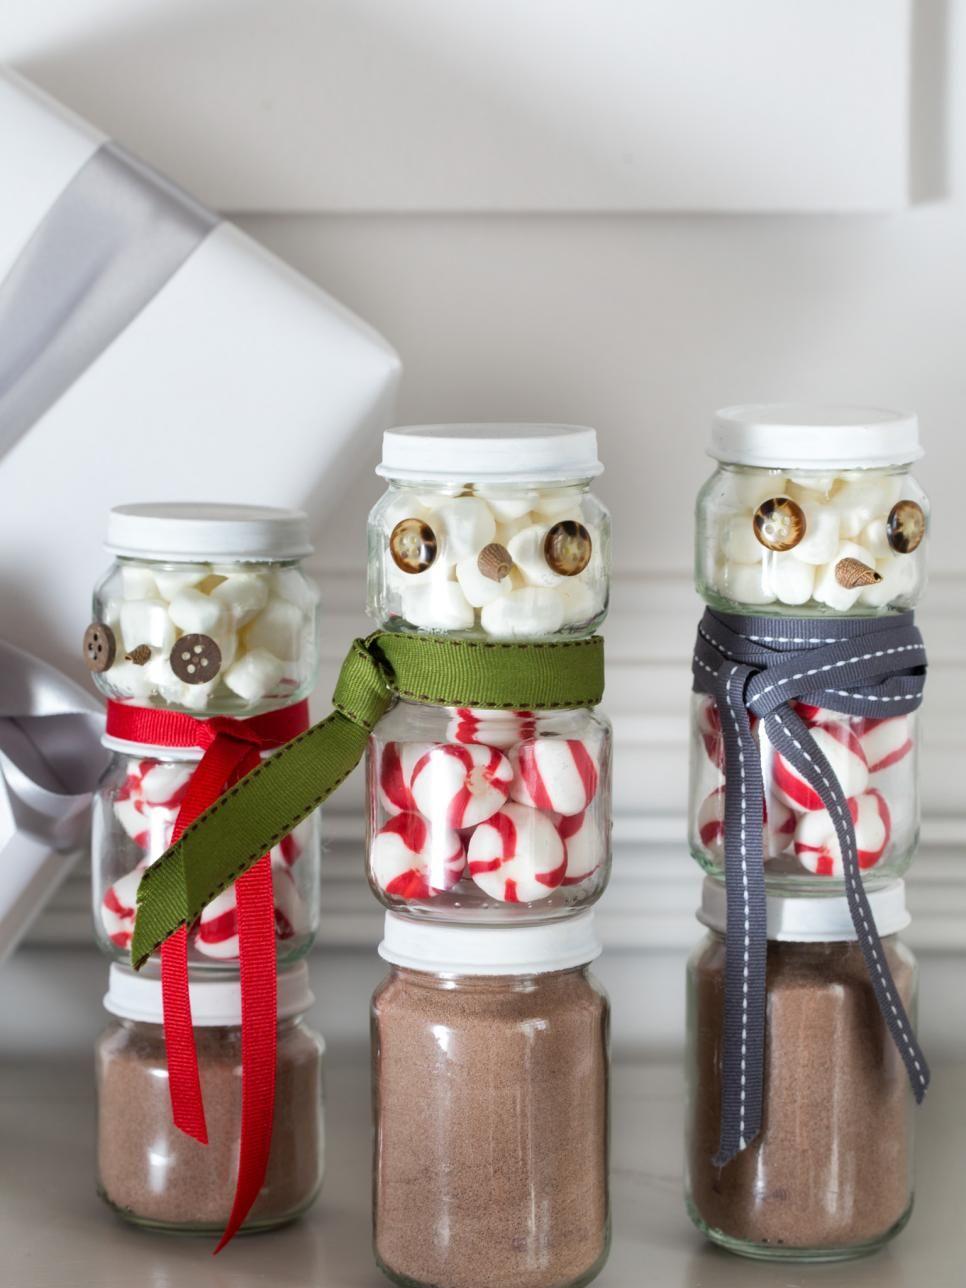 100 ideen f r billige weihnachtsgeschenke selbst gemacht weihnachten silvester diy deko - Billige weihnachtsdeko ...